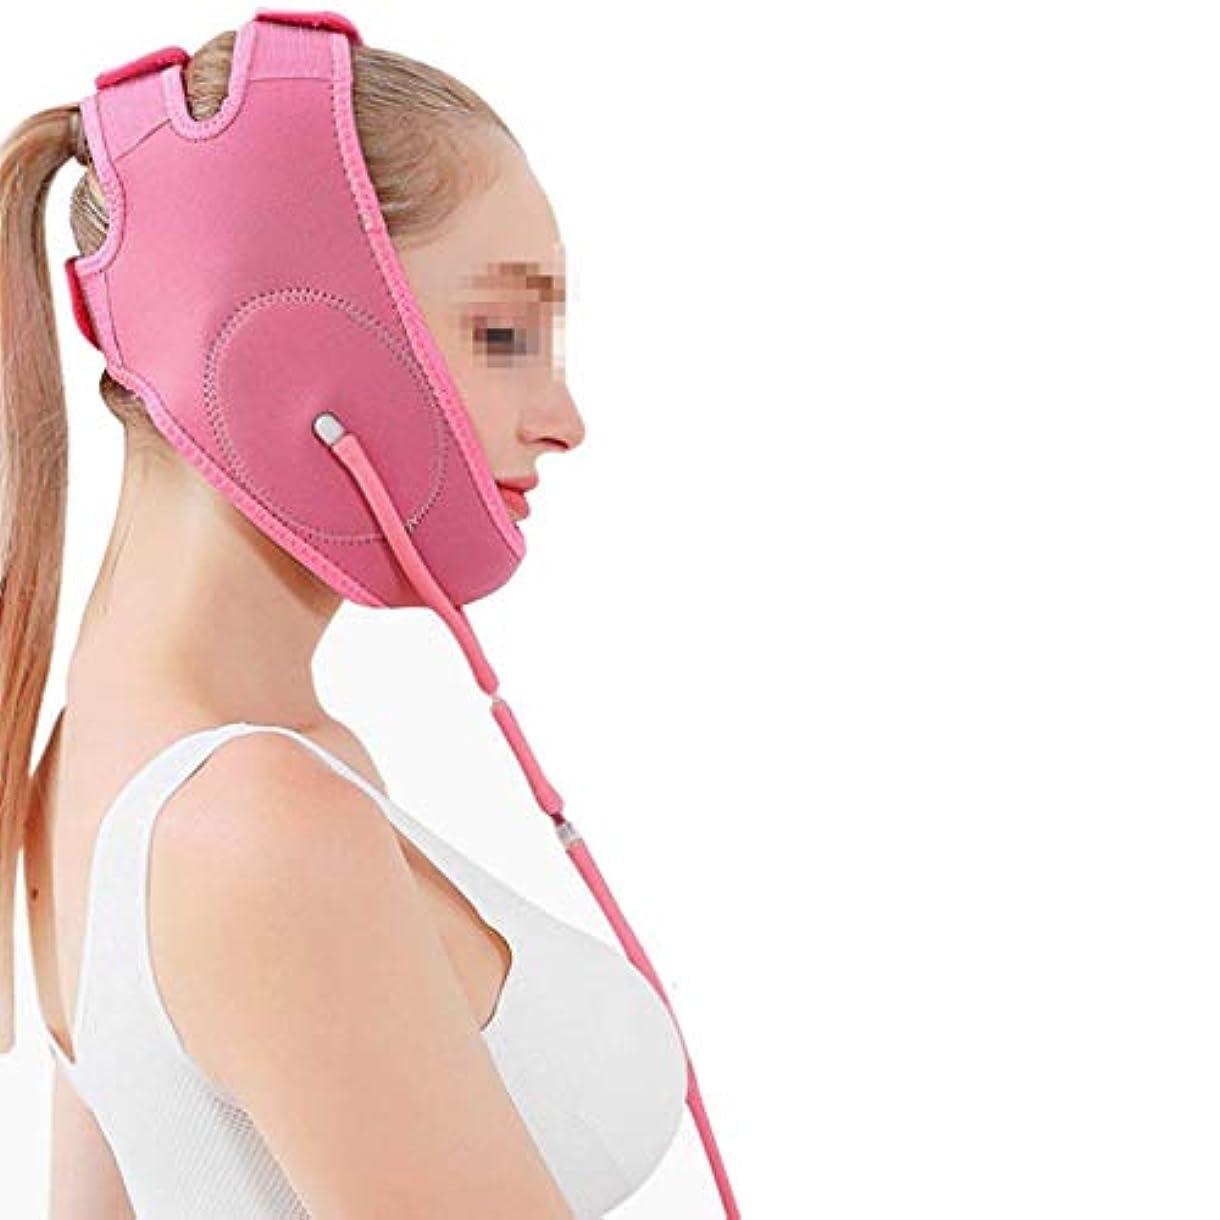 名誉あるがんばり続ける流行している空気圧薄型フェイスベルト、マスクスモールVフェイスプレッシャーリフティングシェイプバイトマッスルファーミングパターンダブルチンバンデージシンフェイスバンデージマルチカラーオプション(色:ピンク)